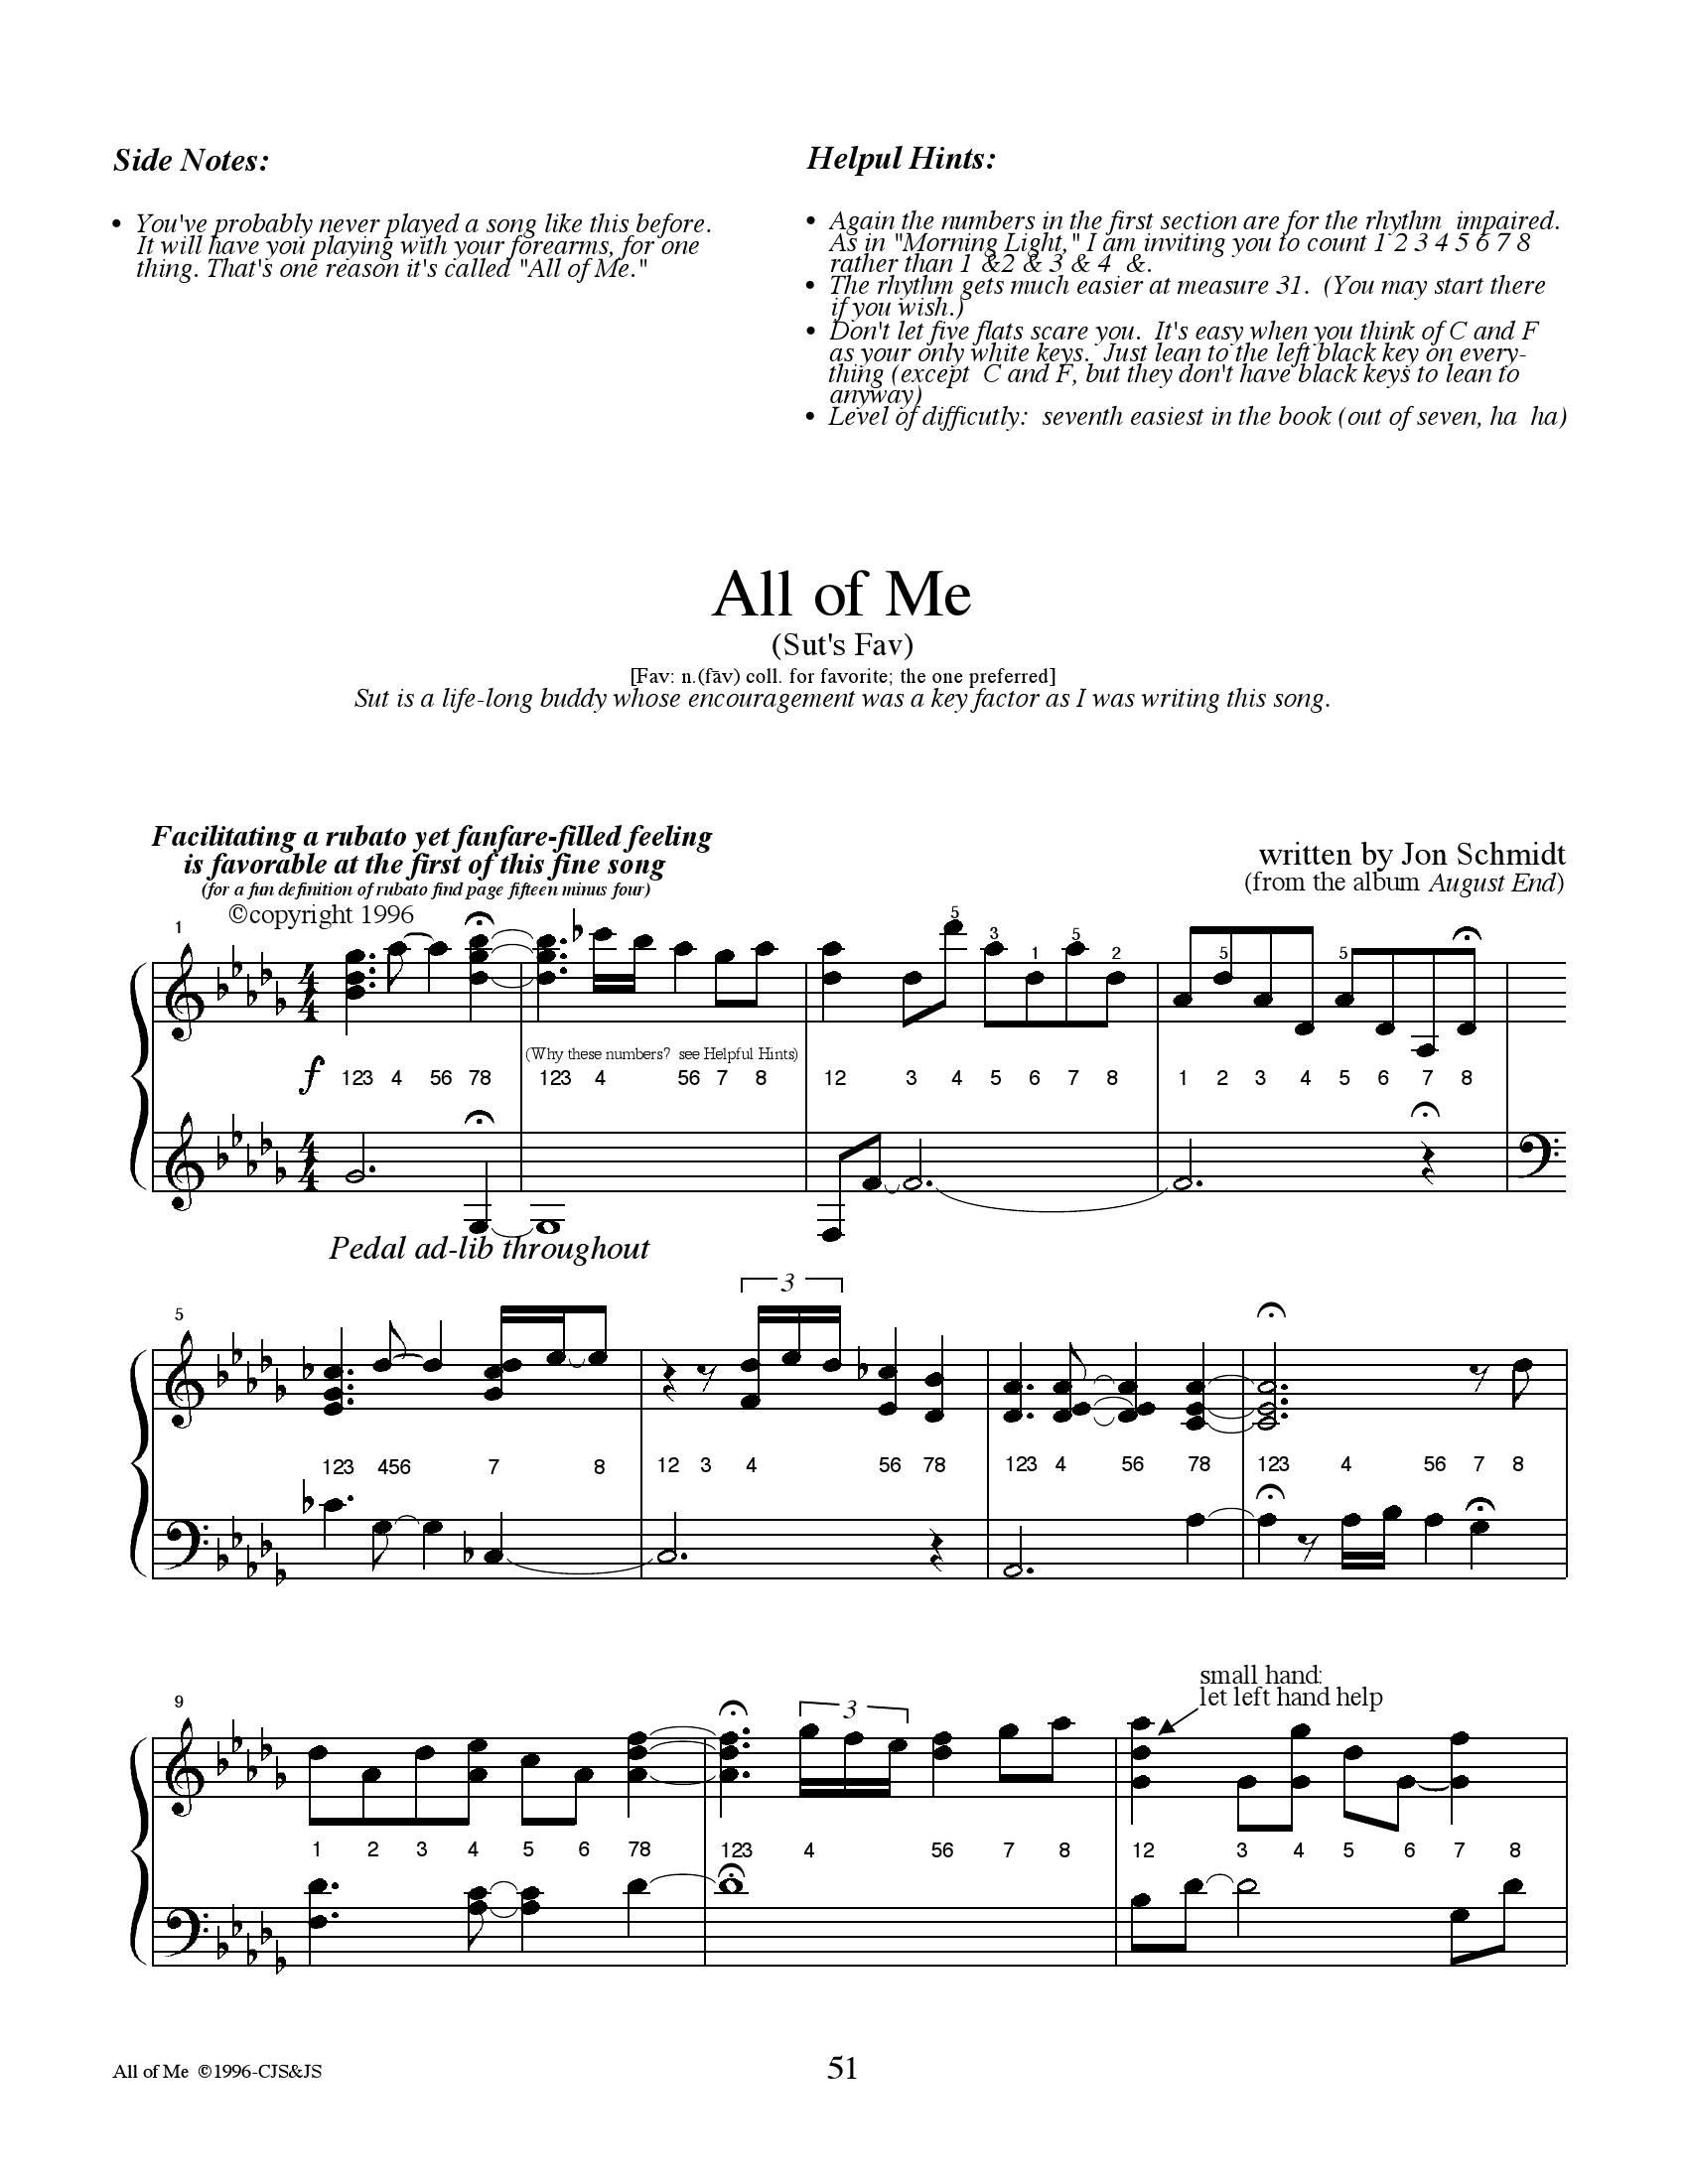 Jon schmit All of me1 - نت آهنگ All of me از Jon schmit